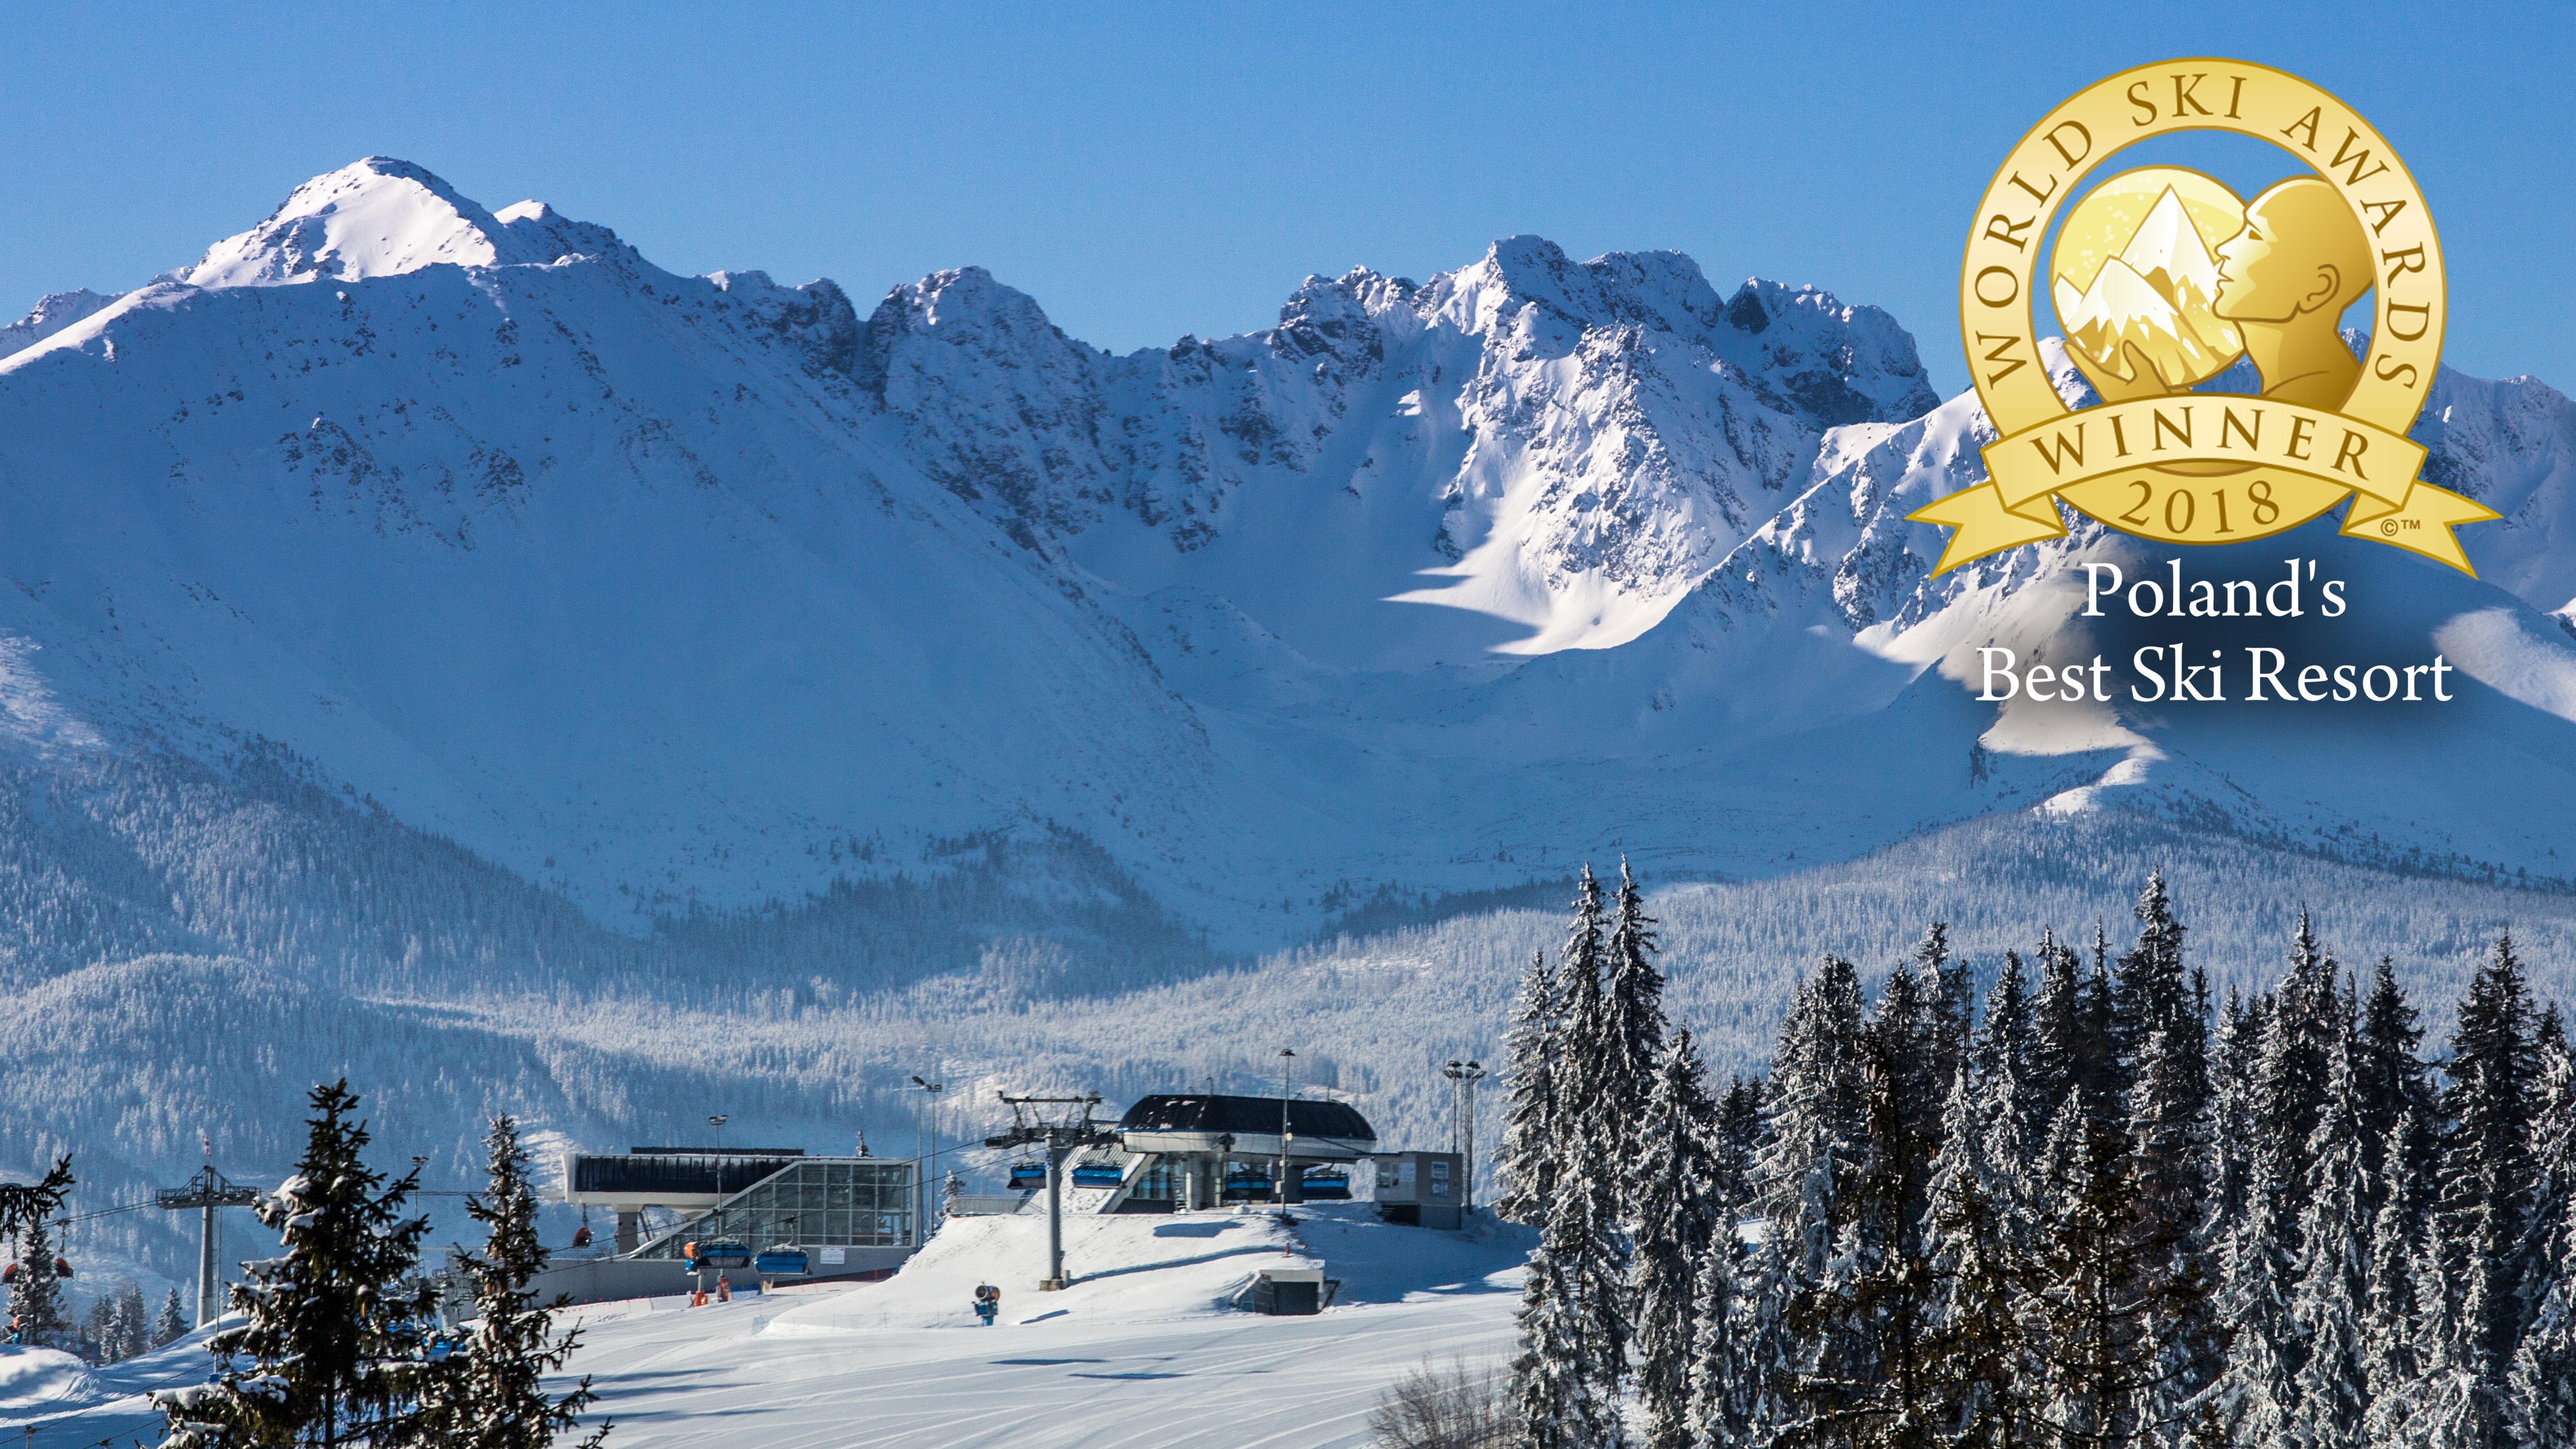 poland's best ski resort 2018   ośrodek narciarski kotelnica